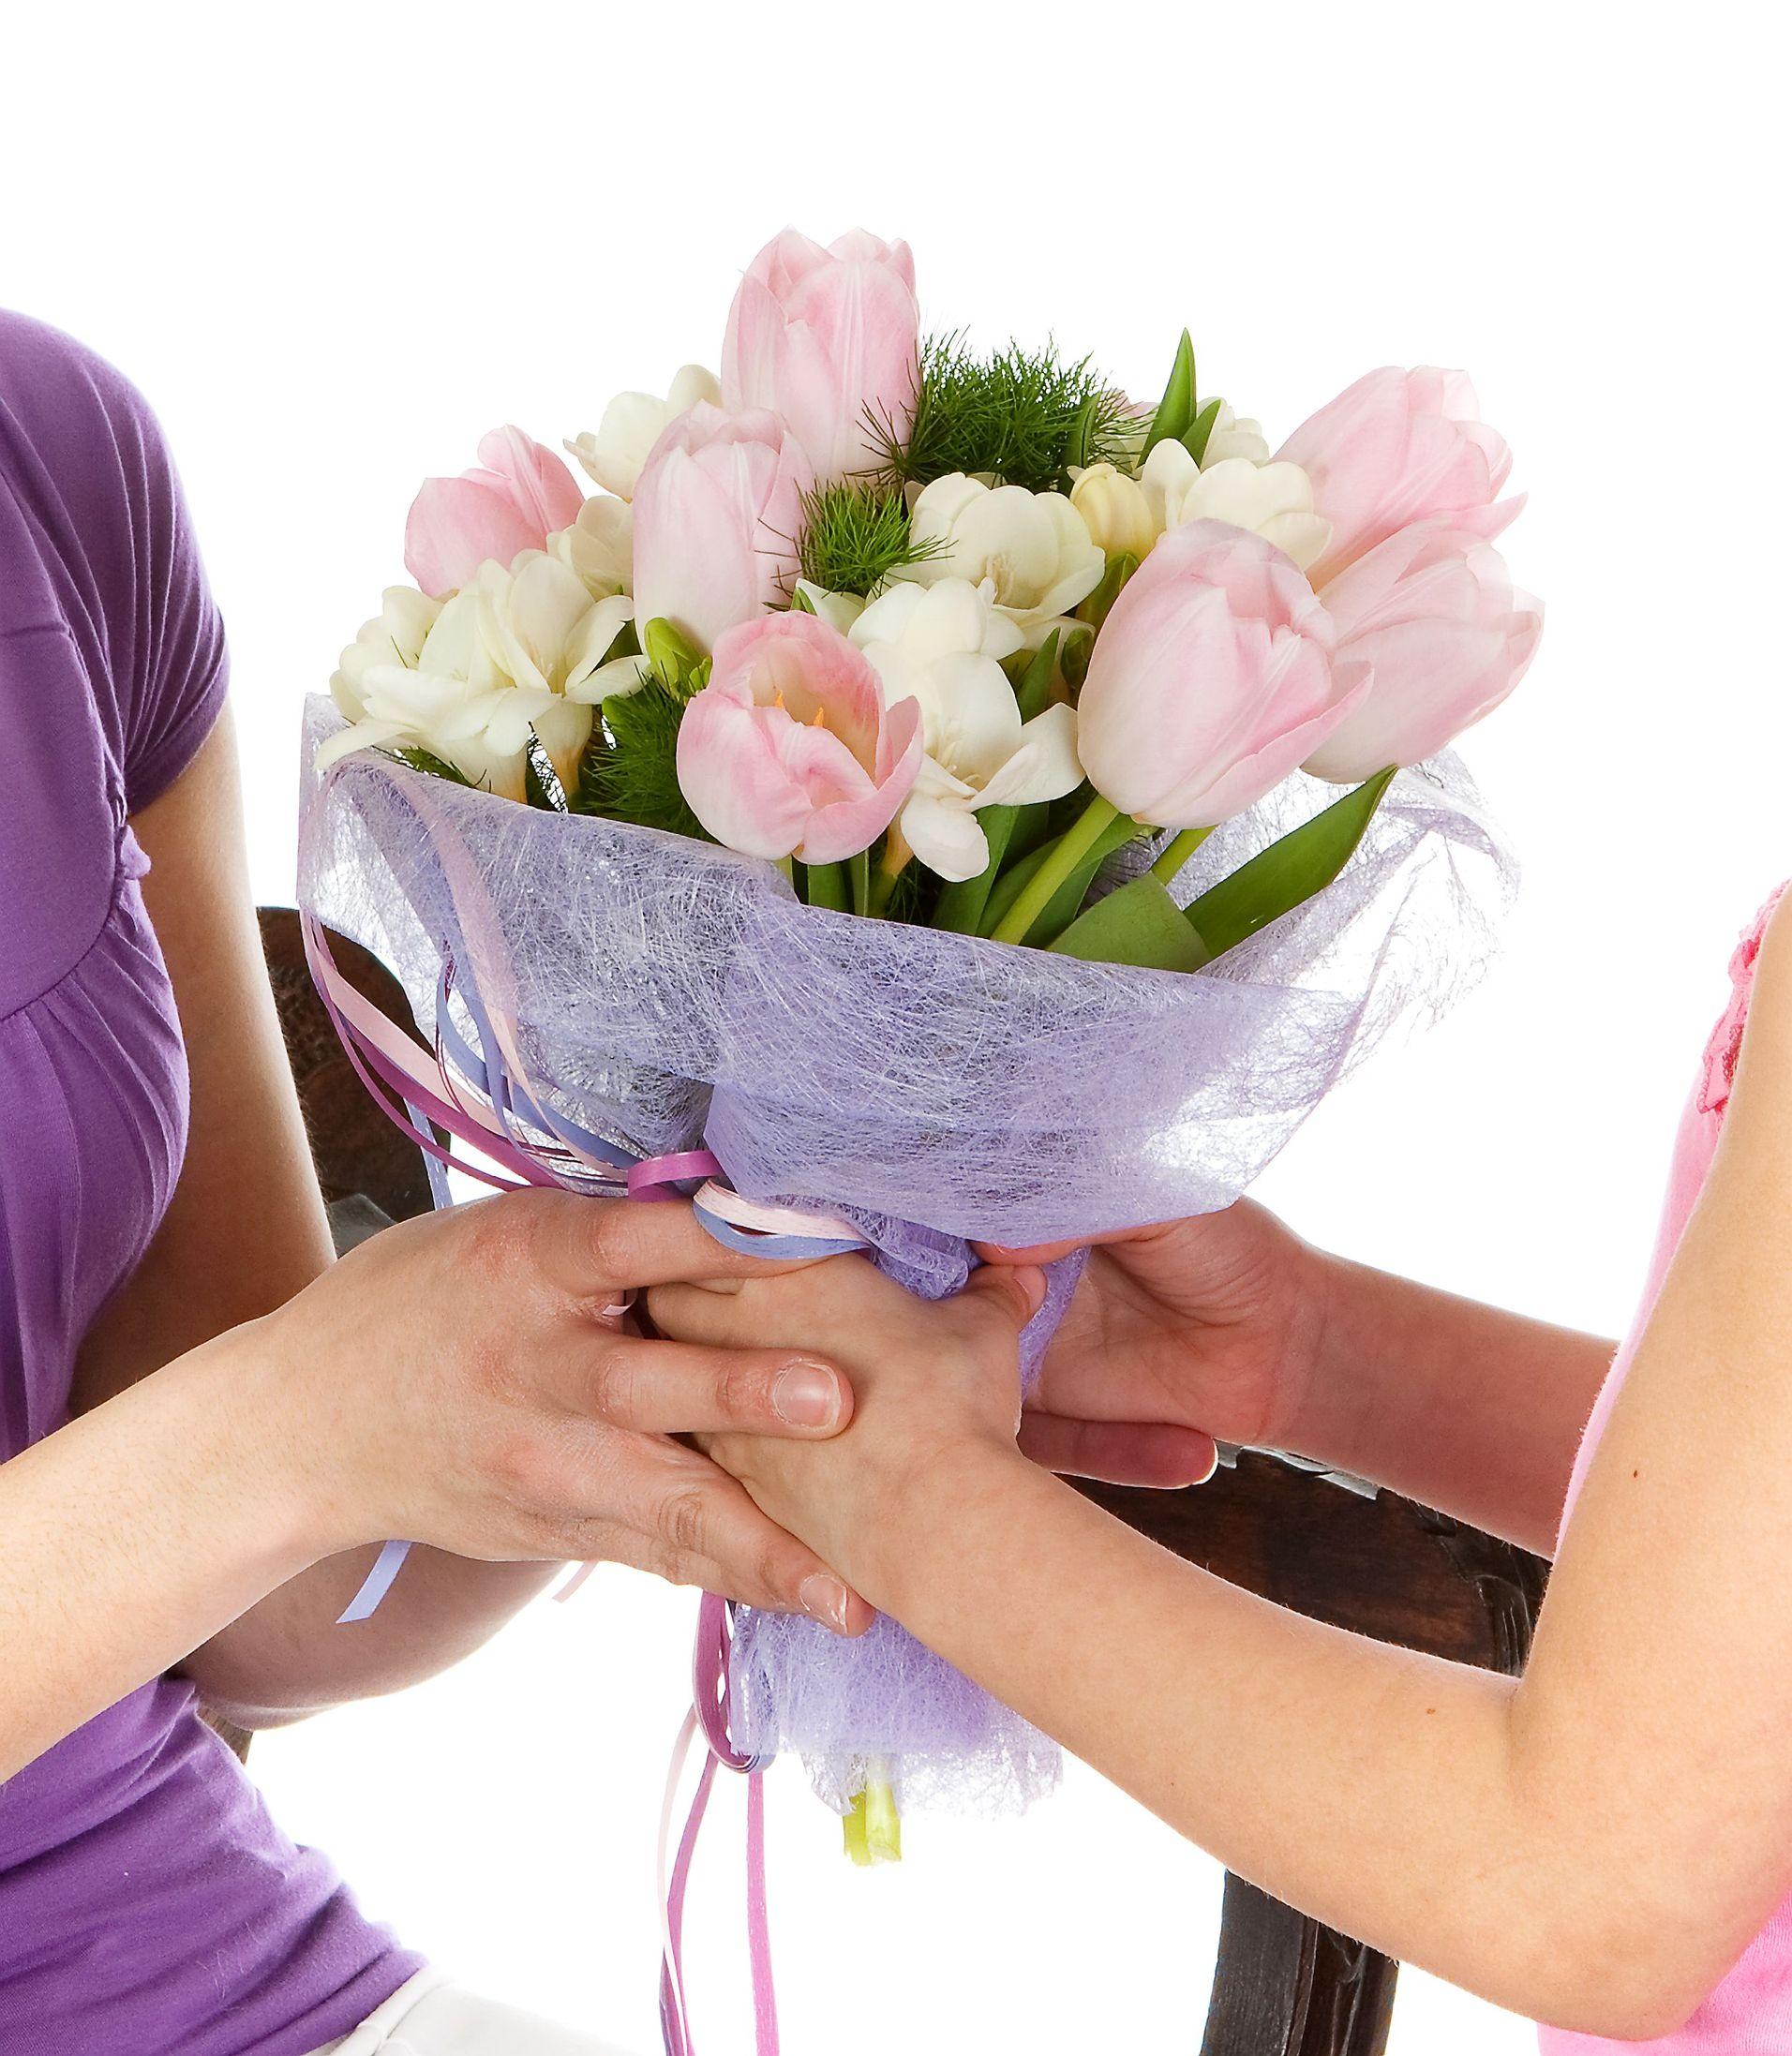 Quand Offrir Des Fleurs